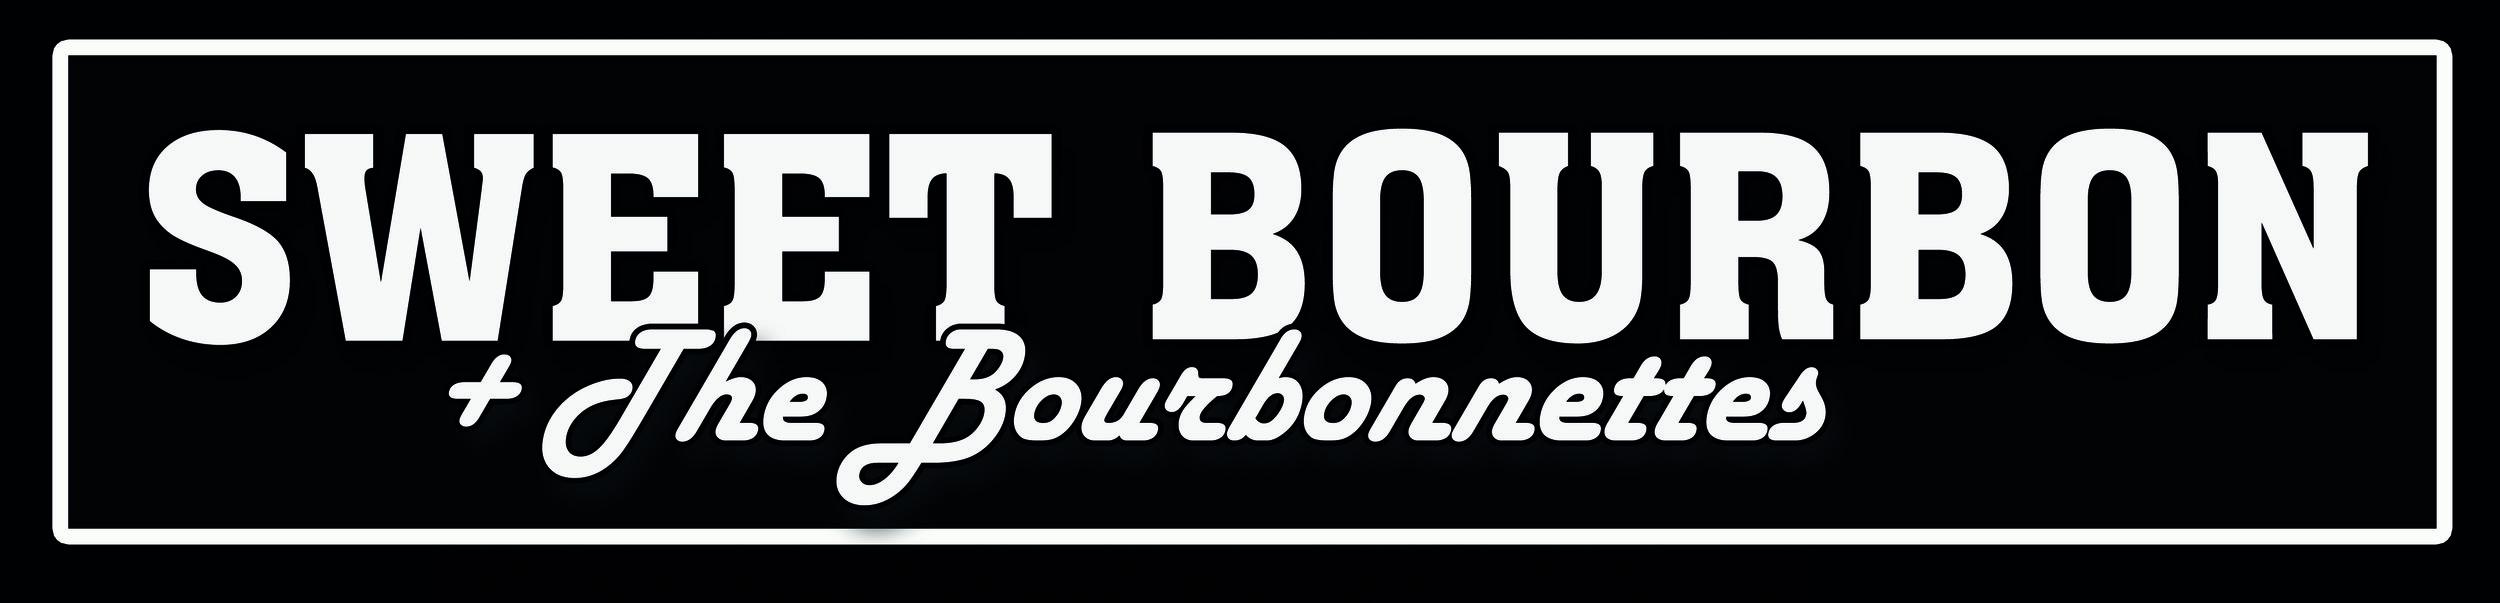 Bourbonnettes 2.jpg